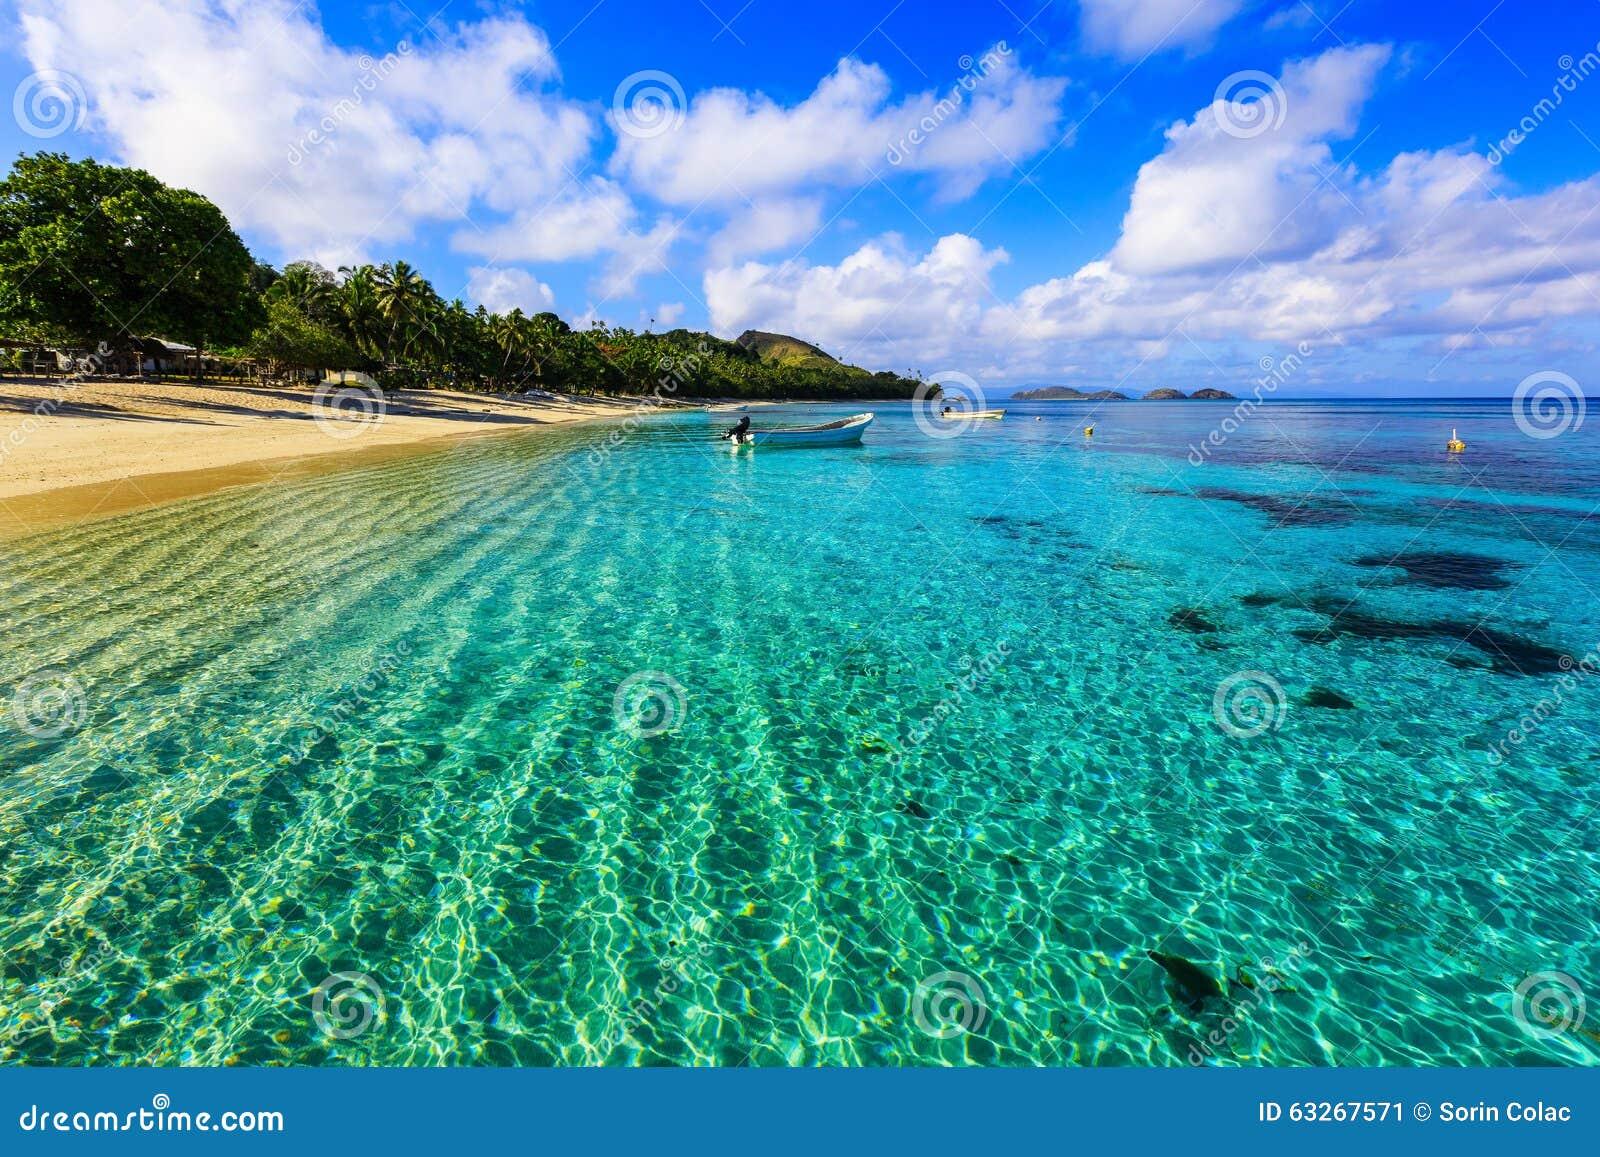 Dravunieiland, Fiji